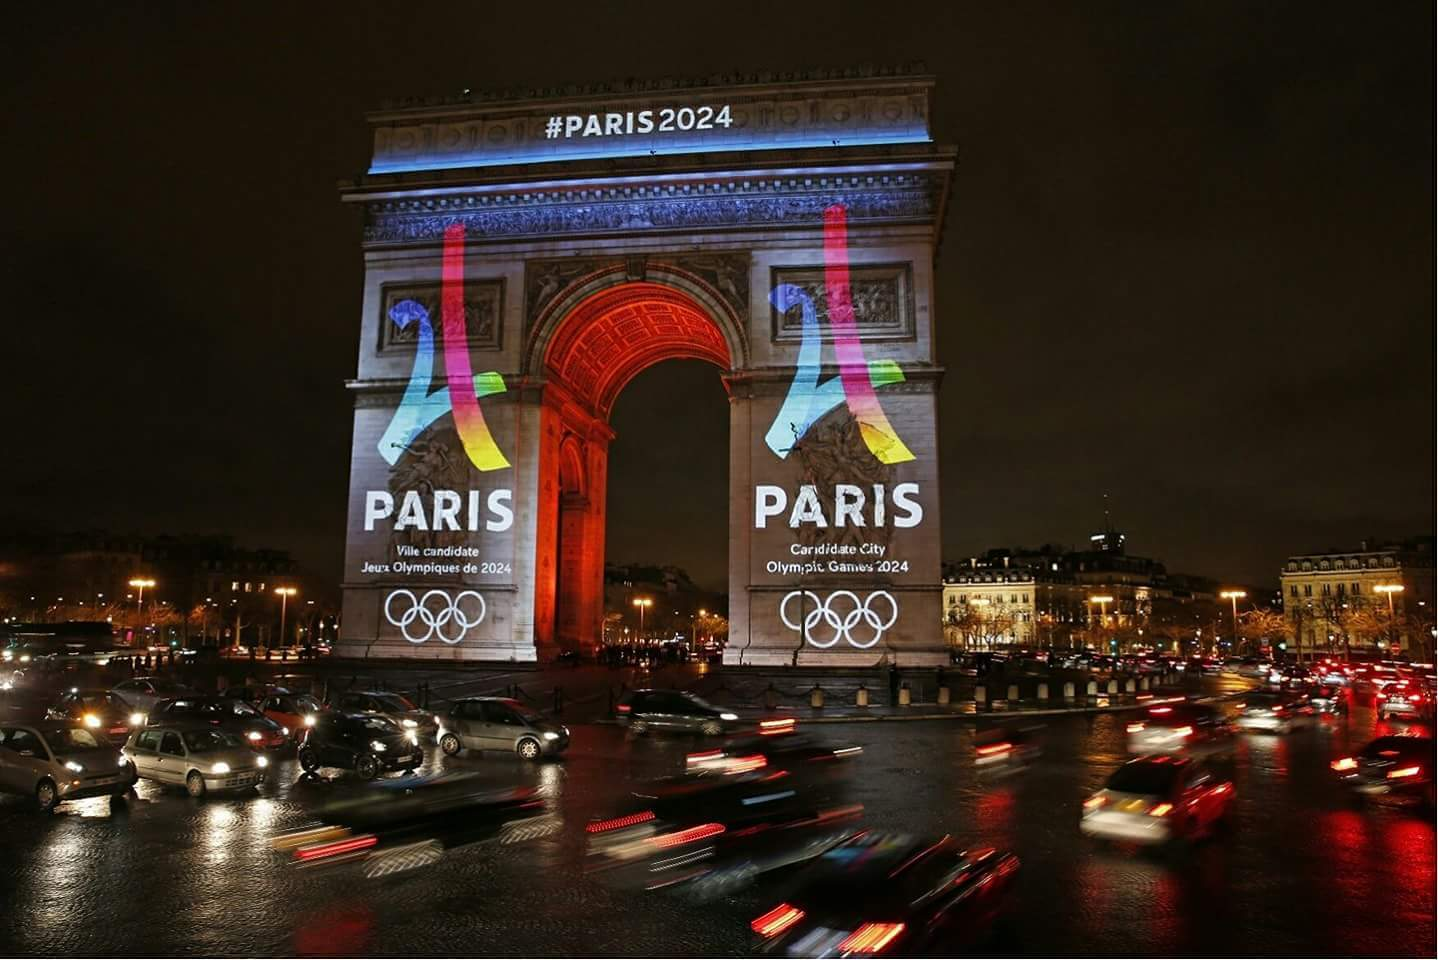 jocurile olimpice de vară din 2024 vor fi găzduite de paris Jocurile Olimpice de Vară din 2024 vor fi găzduite de Paris FB IMG 1501526533324